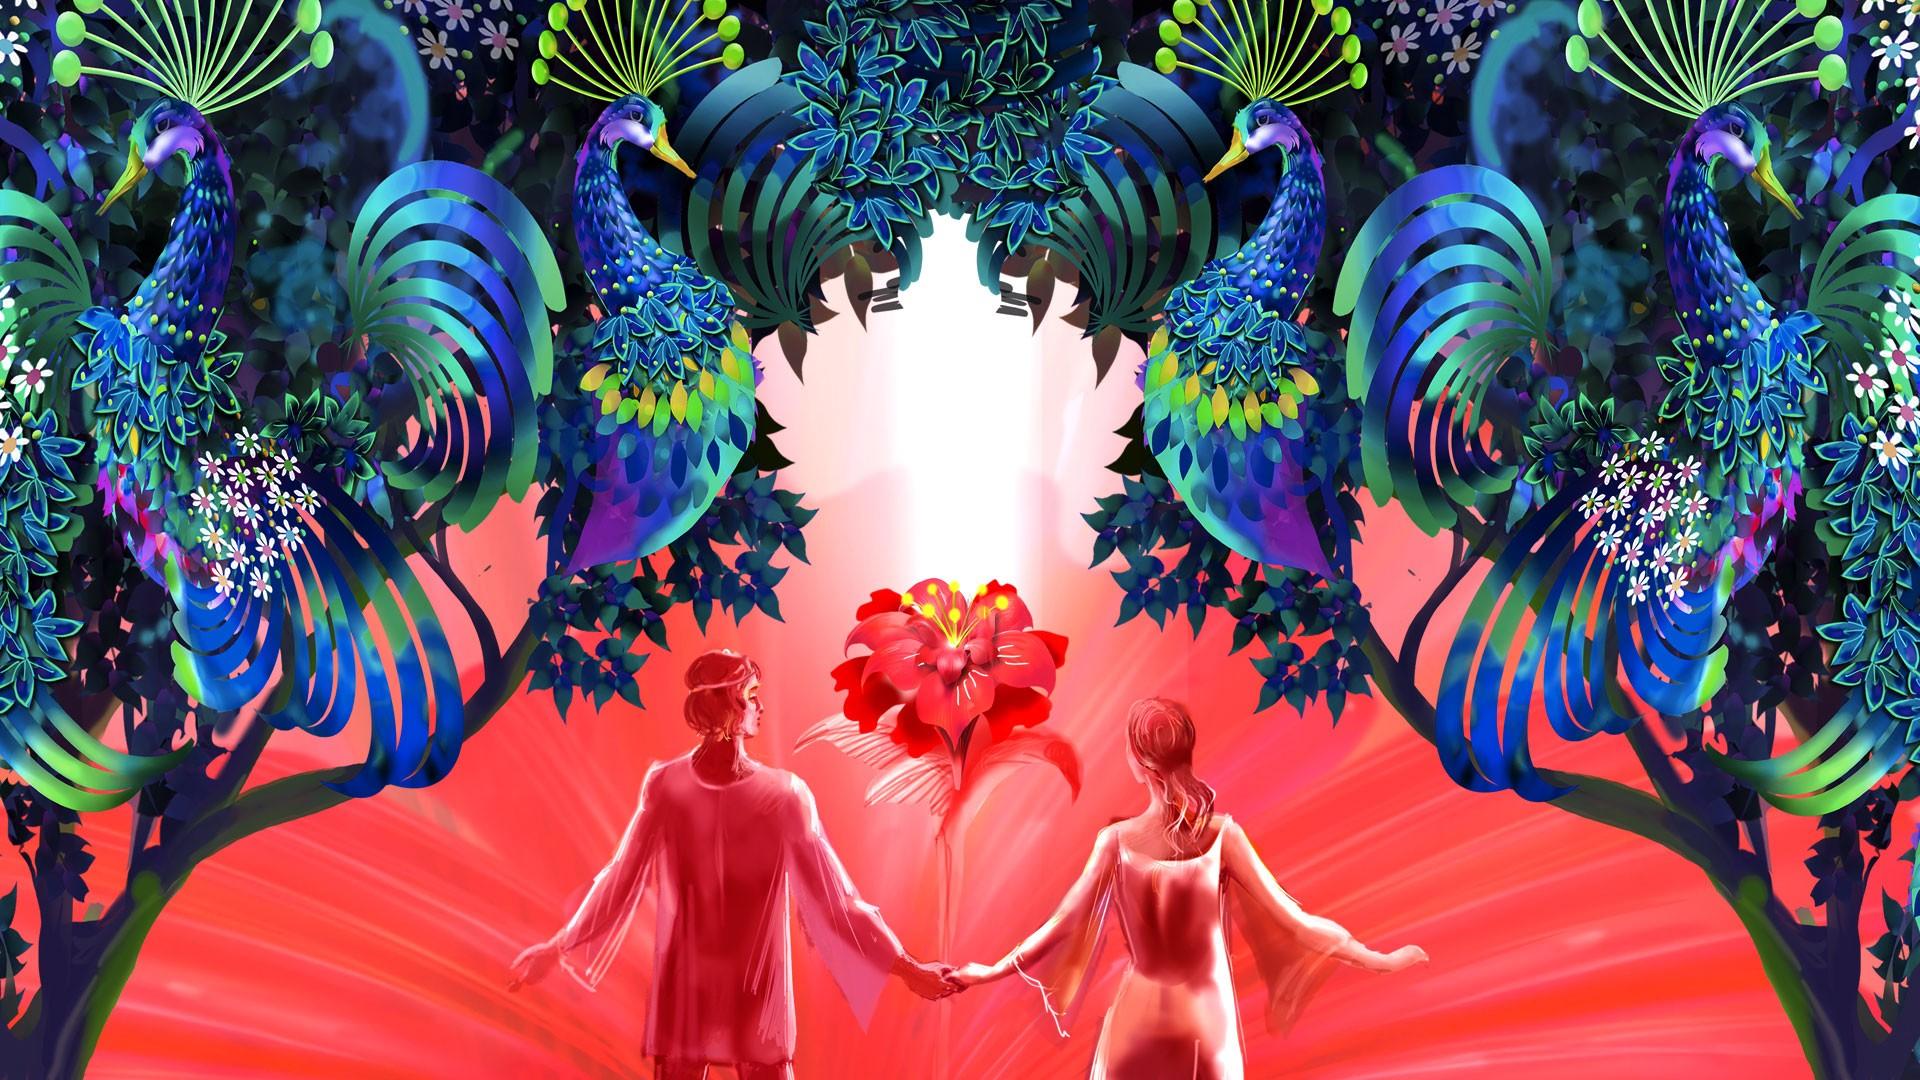 """VII Международный фестиваль балета в Кремле. Аленький Цветочек. Спектакль театра """"Кремлёвский балет"""""""